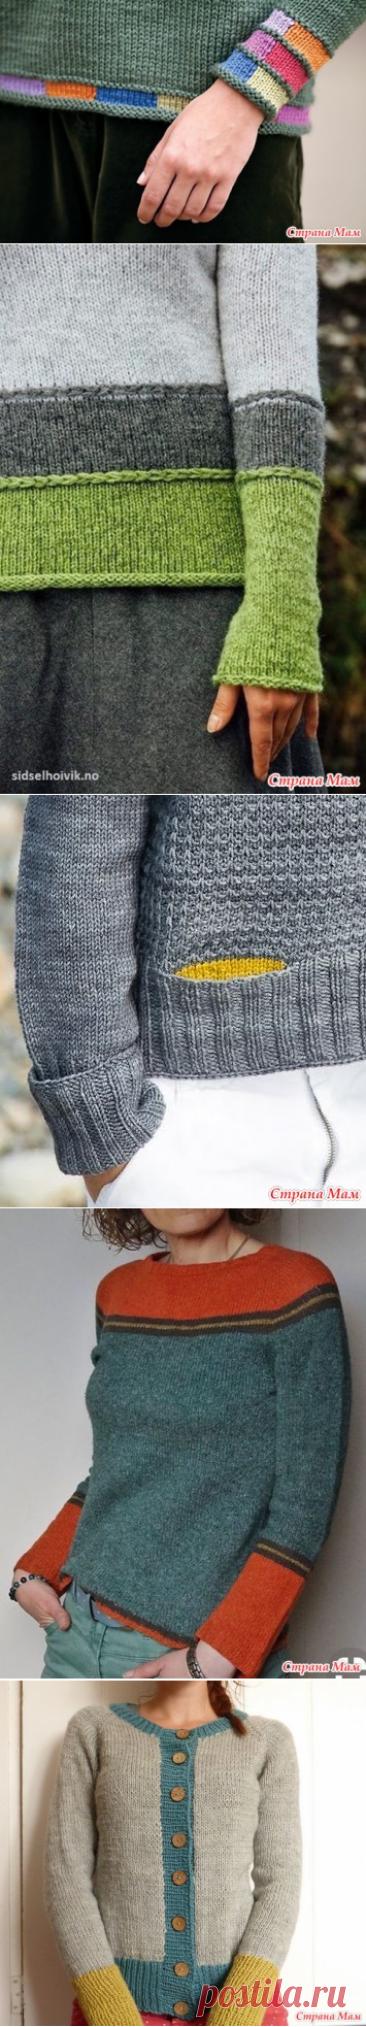 Идеи ярких цветных вставок в однотонное вязание - Вязание - Страна Мам